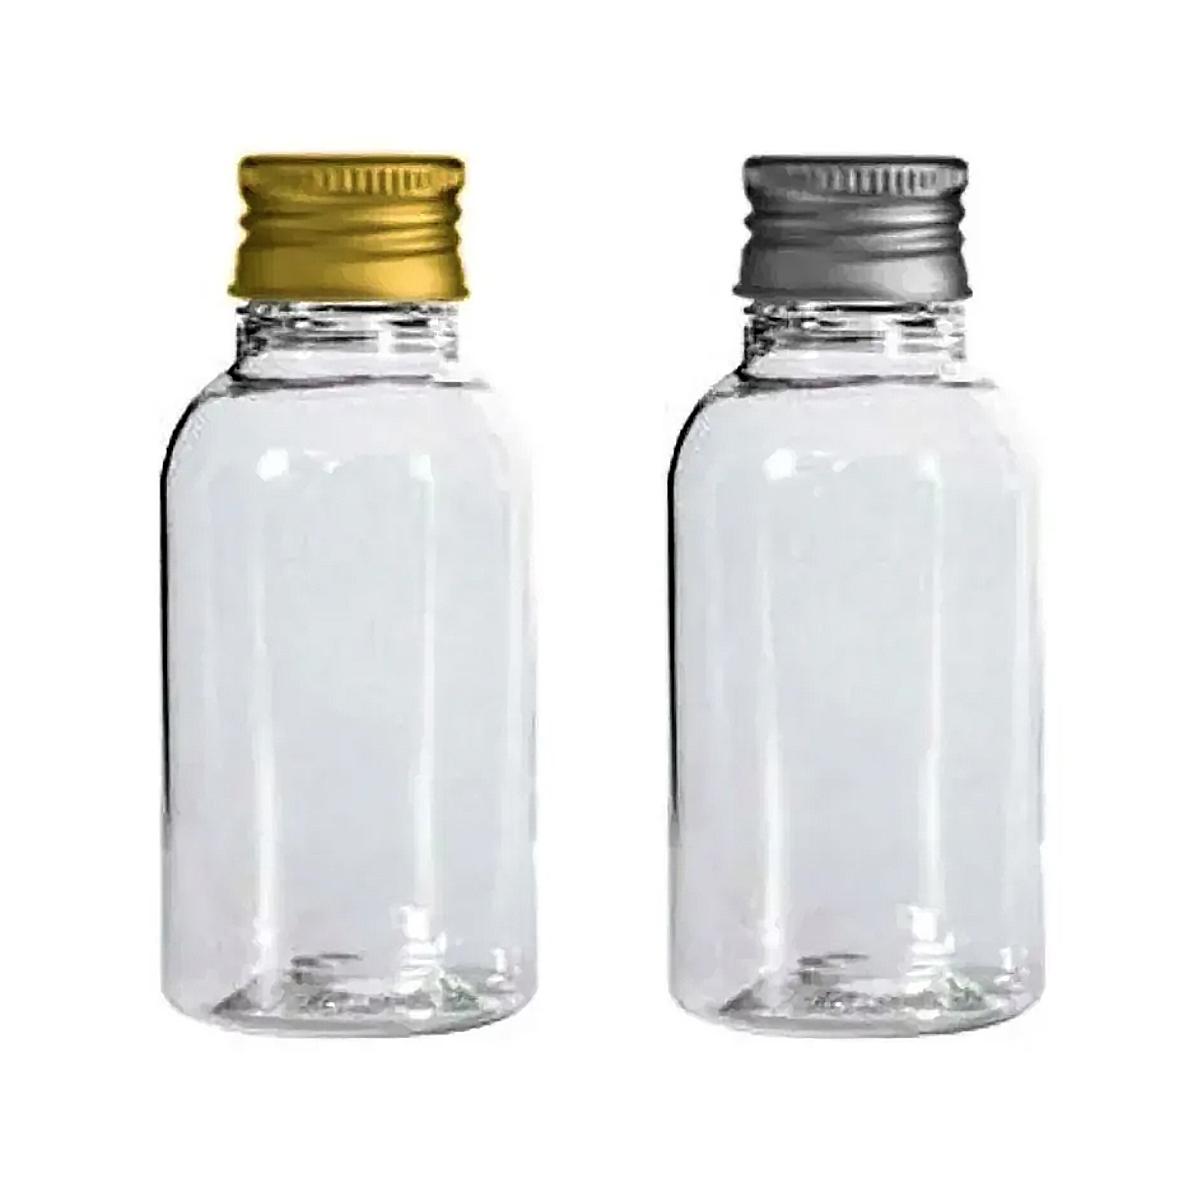 Frasco plástico 30 ml para água benta e lembrancinhas tampa metal 150 unid